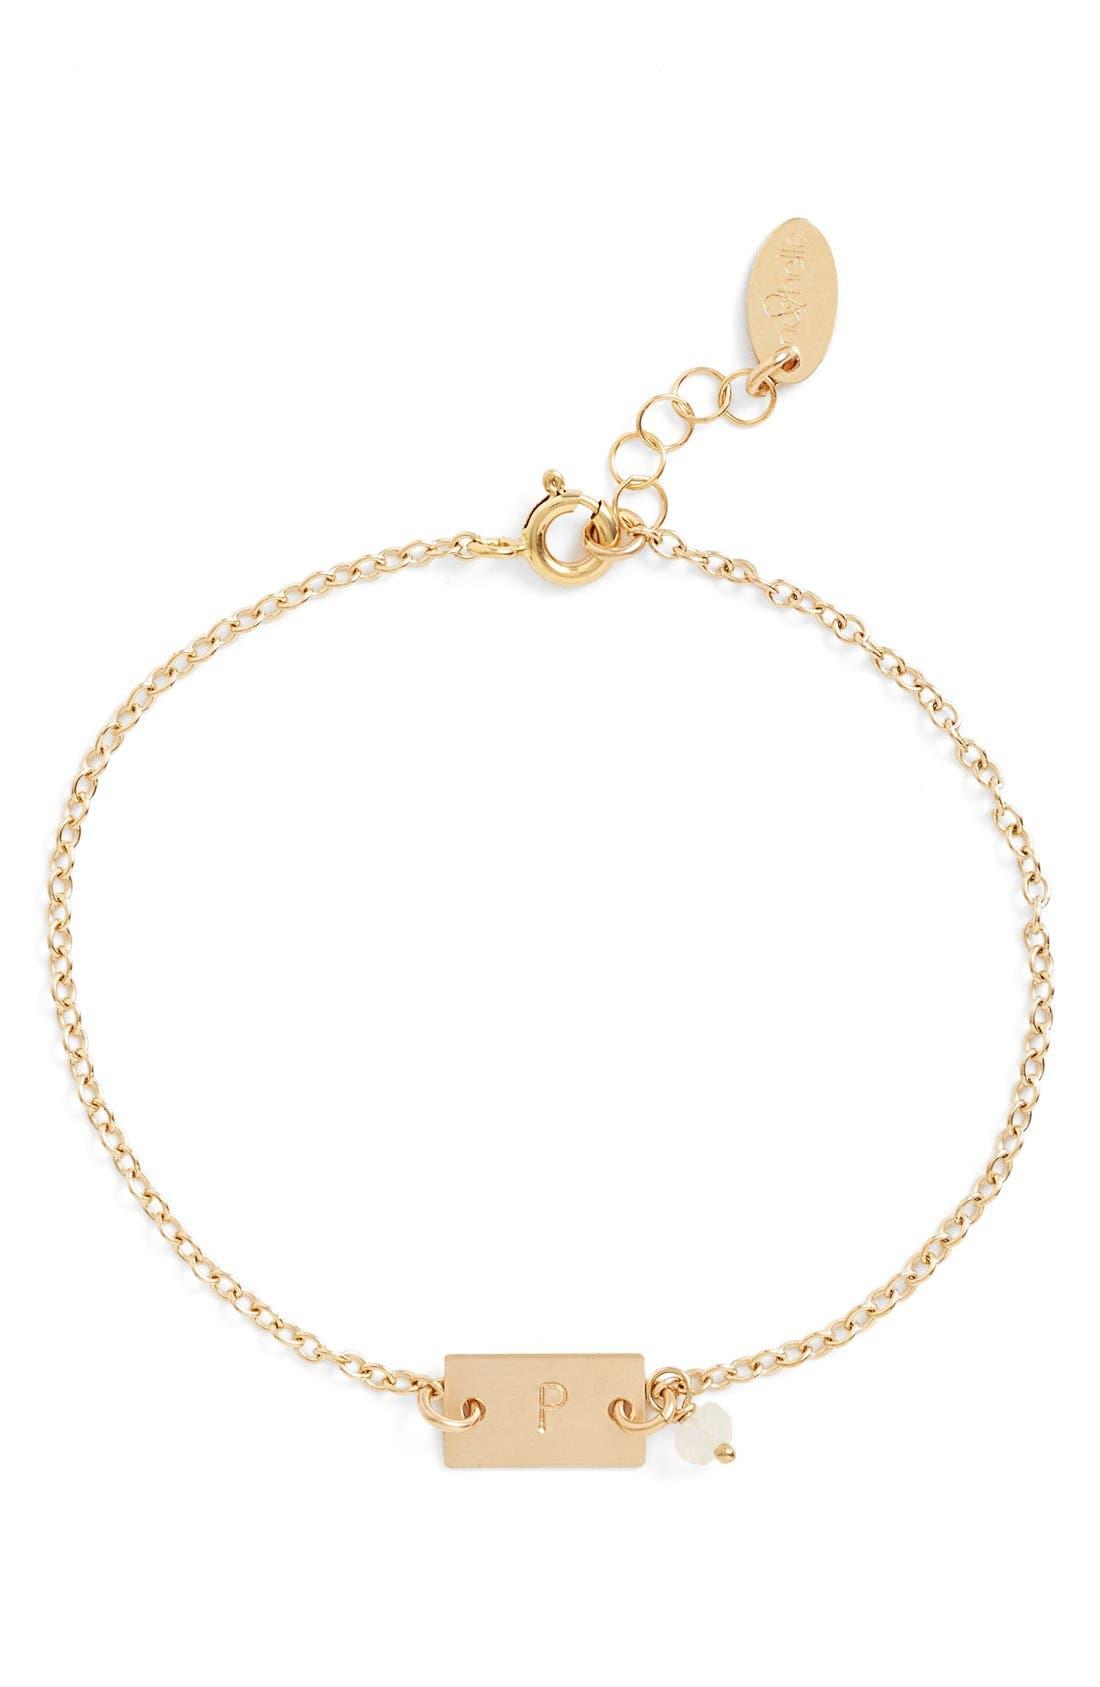 Main Image - Nashelle Shaka Initial 14k-Gold Fill Bar Bracelet